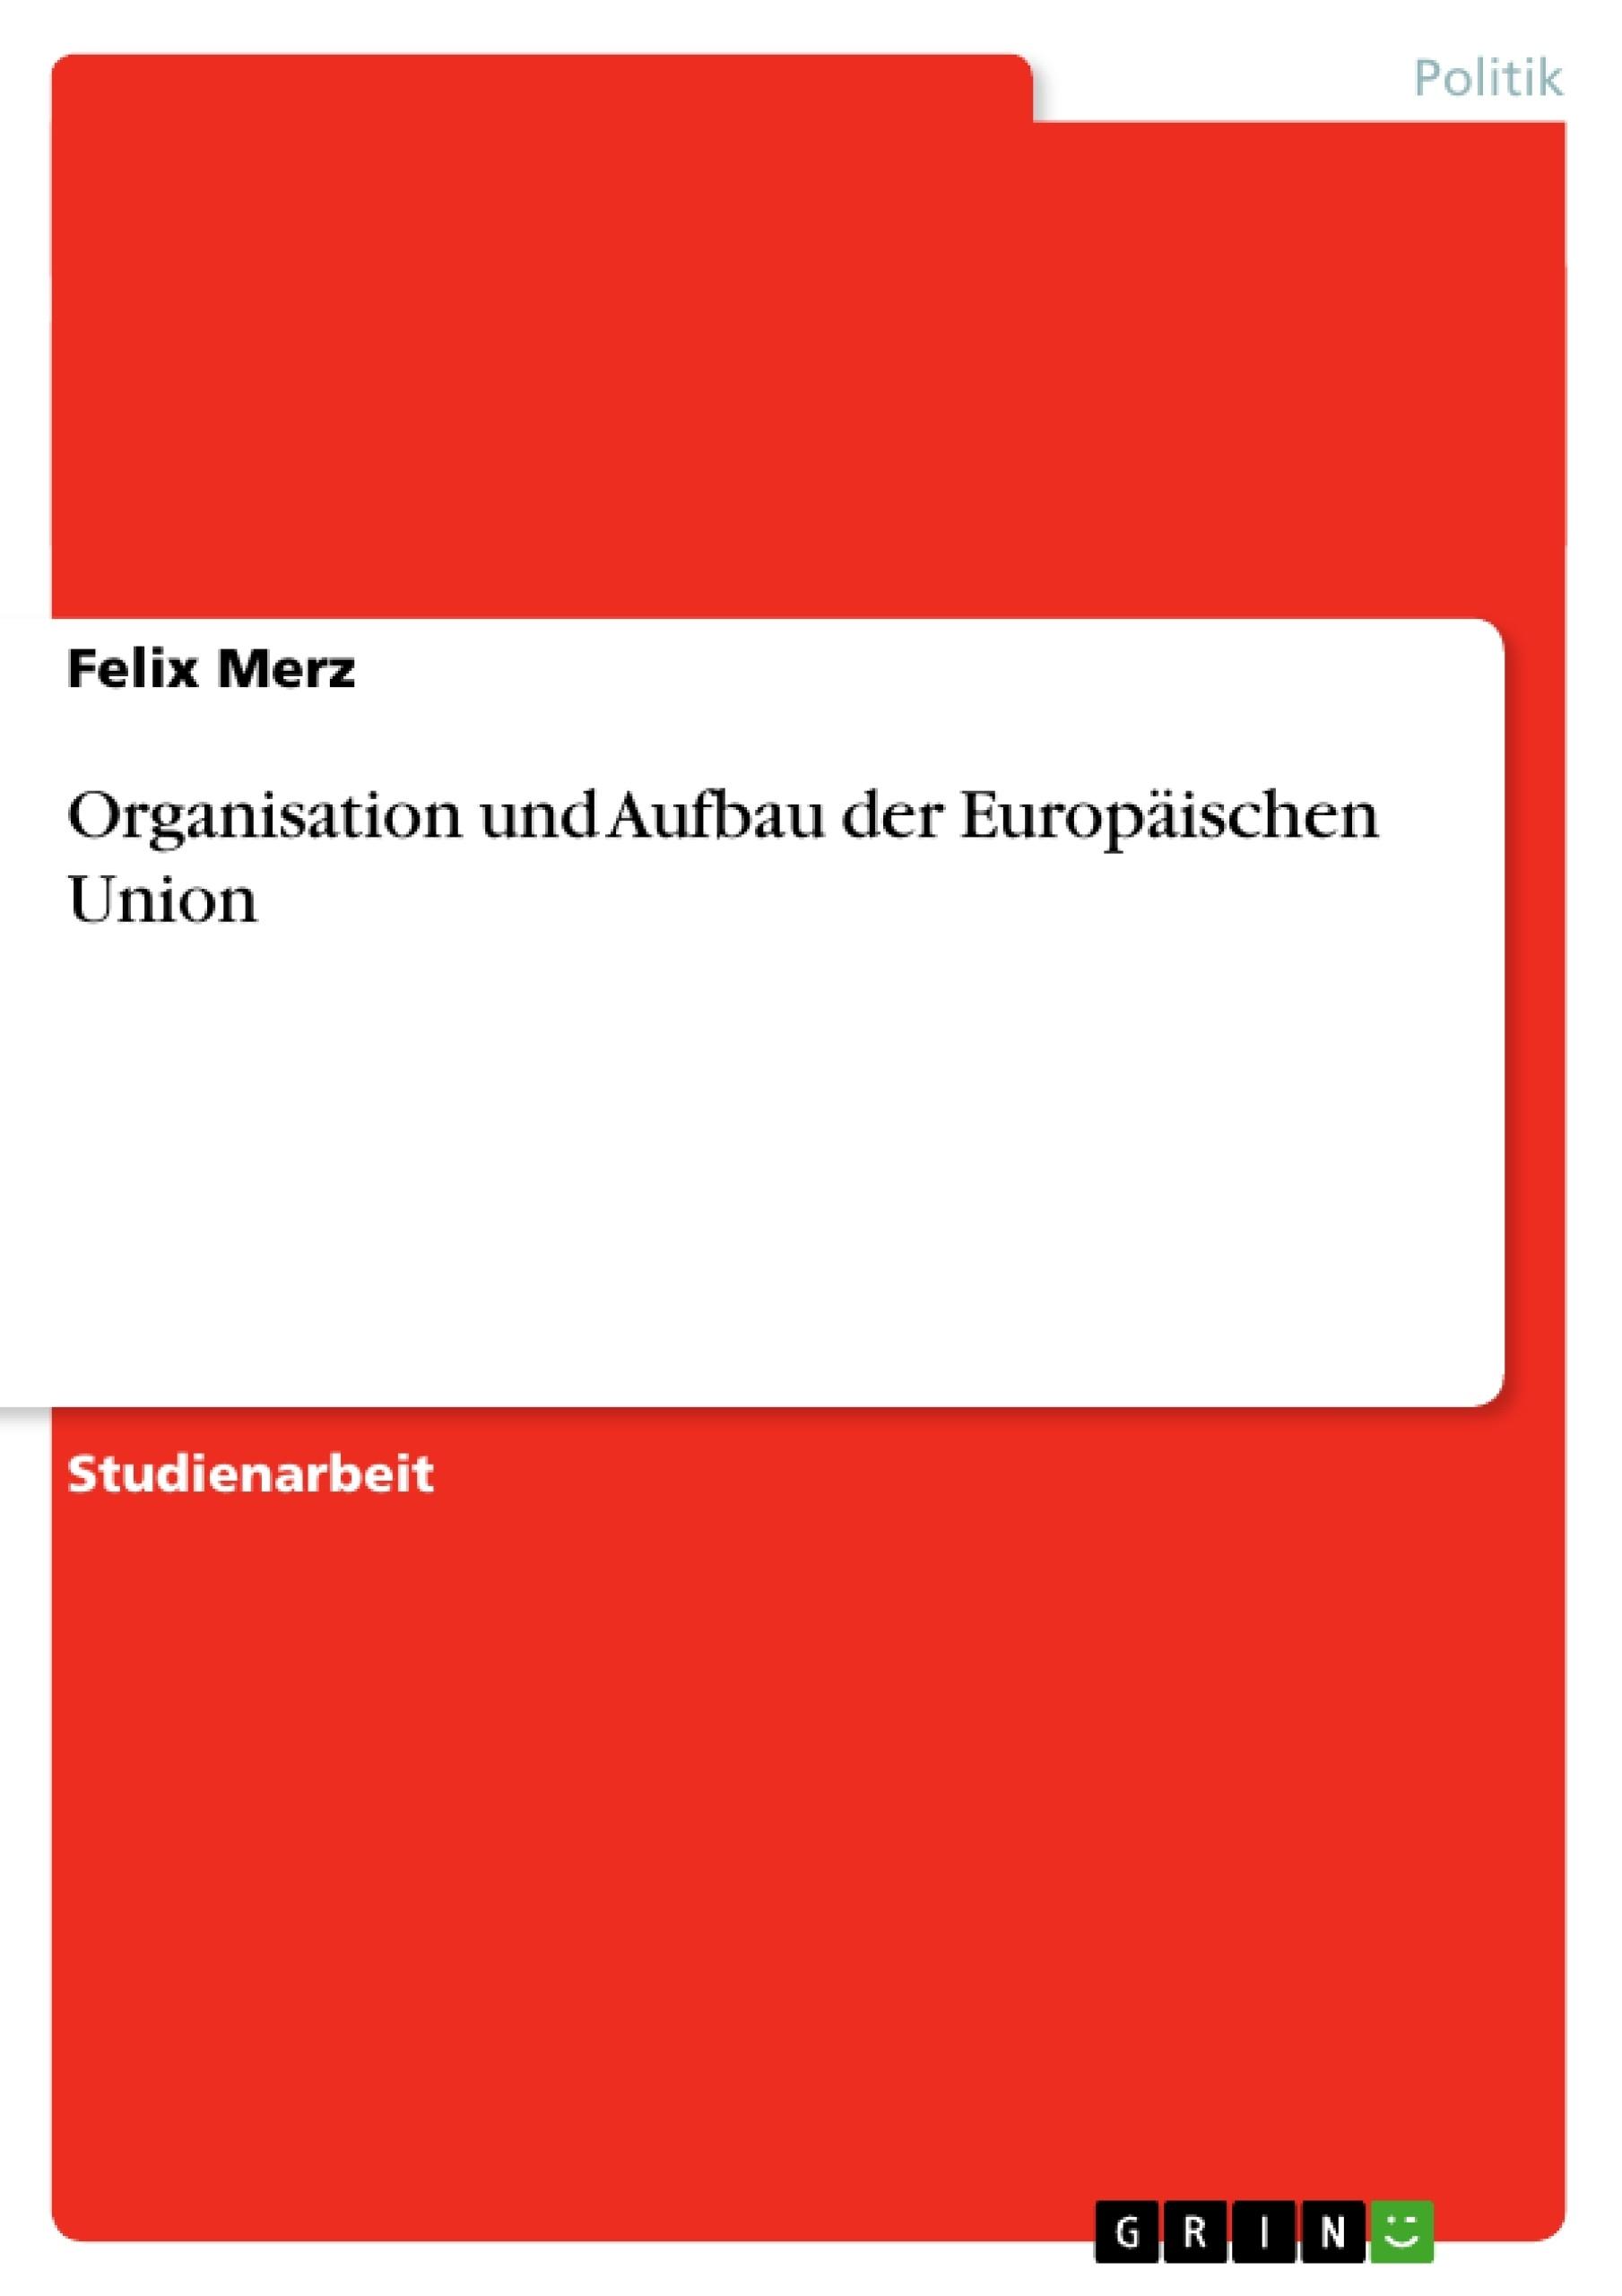 Titel: Organisation und Aufbau der Europäischen Union